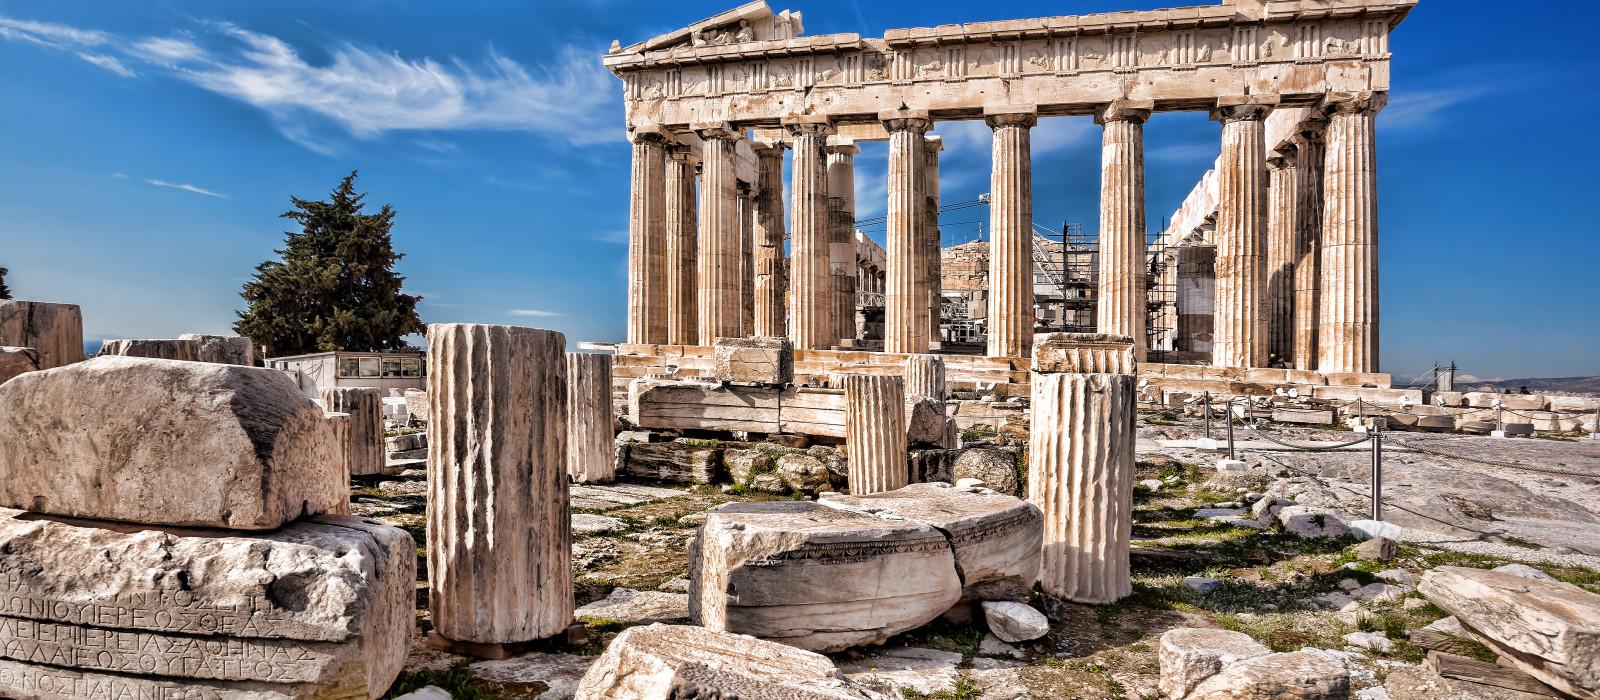 Destination Athens Greece